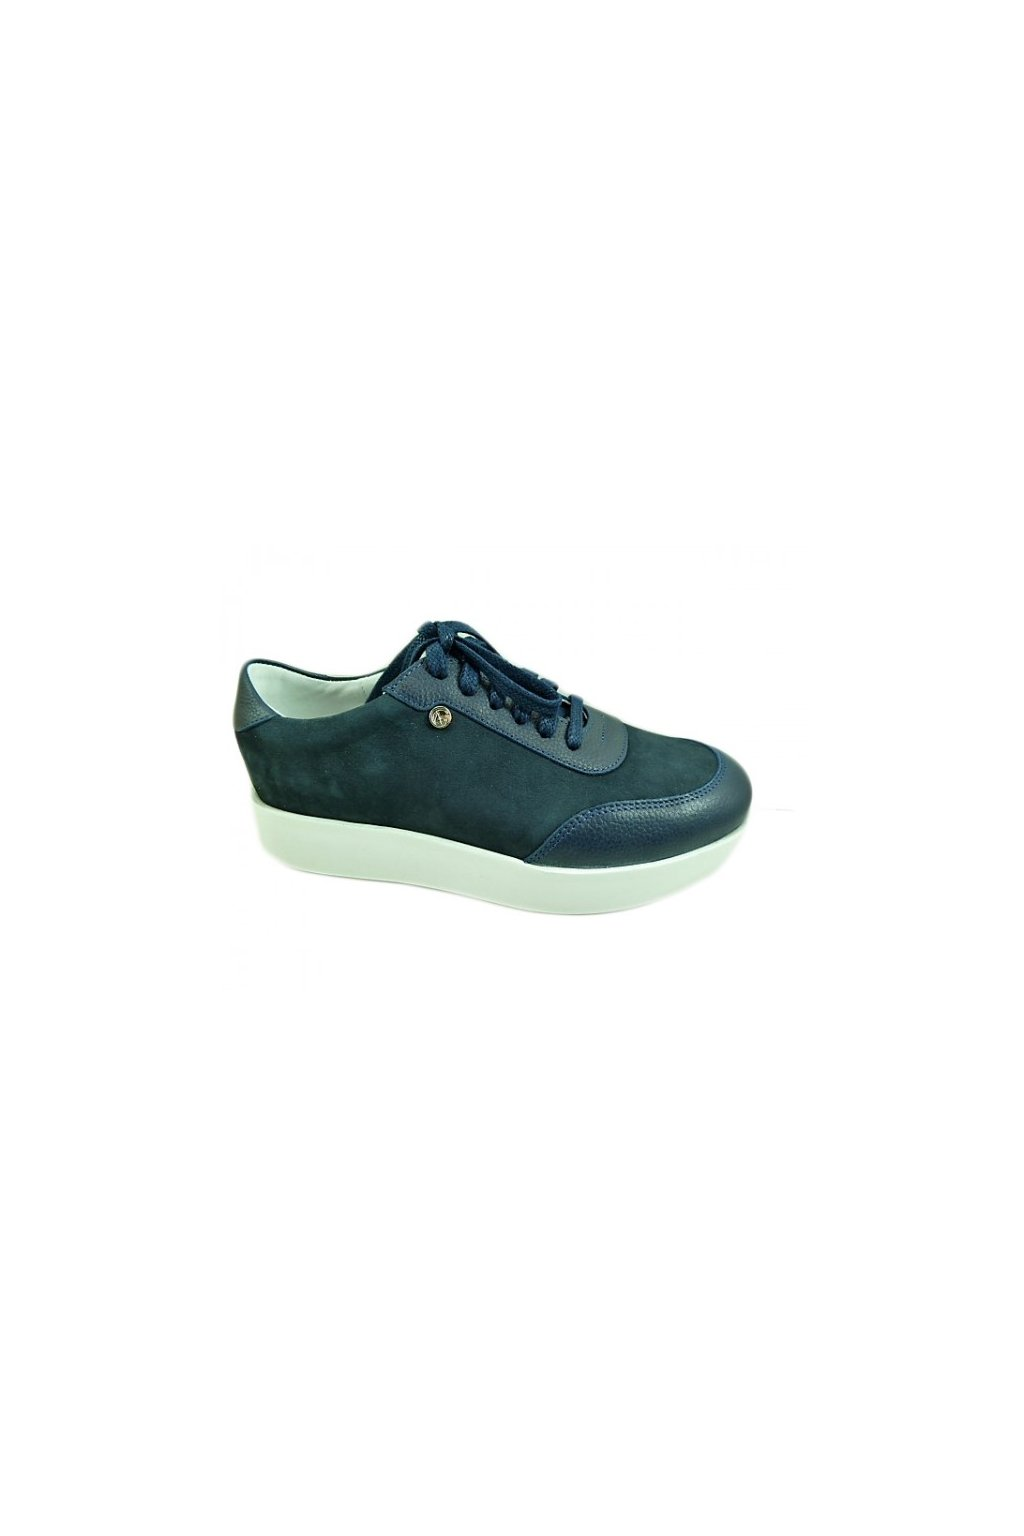 Nik 05-0451-026 modrá